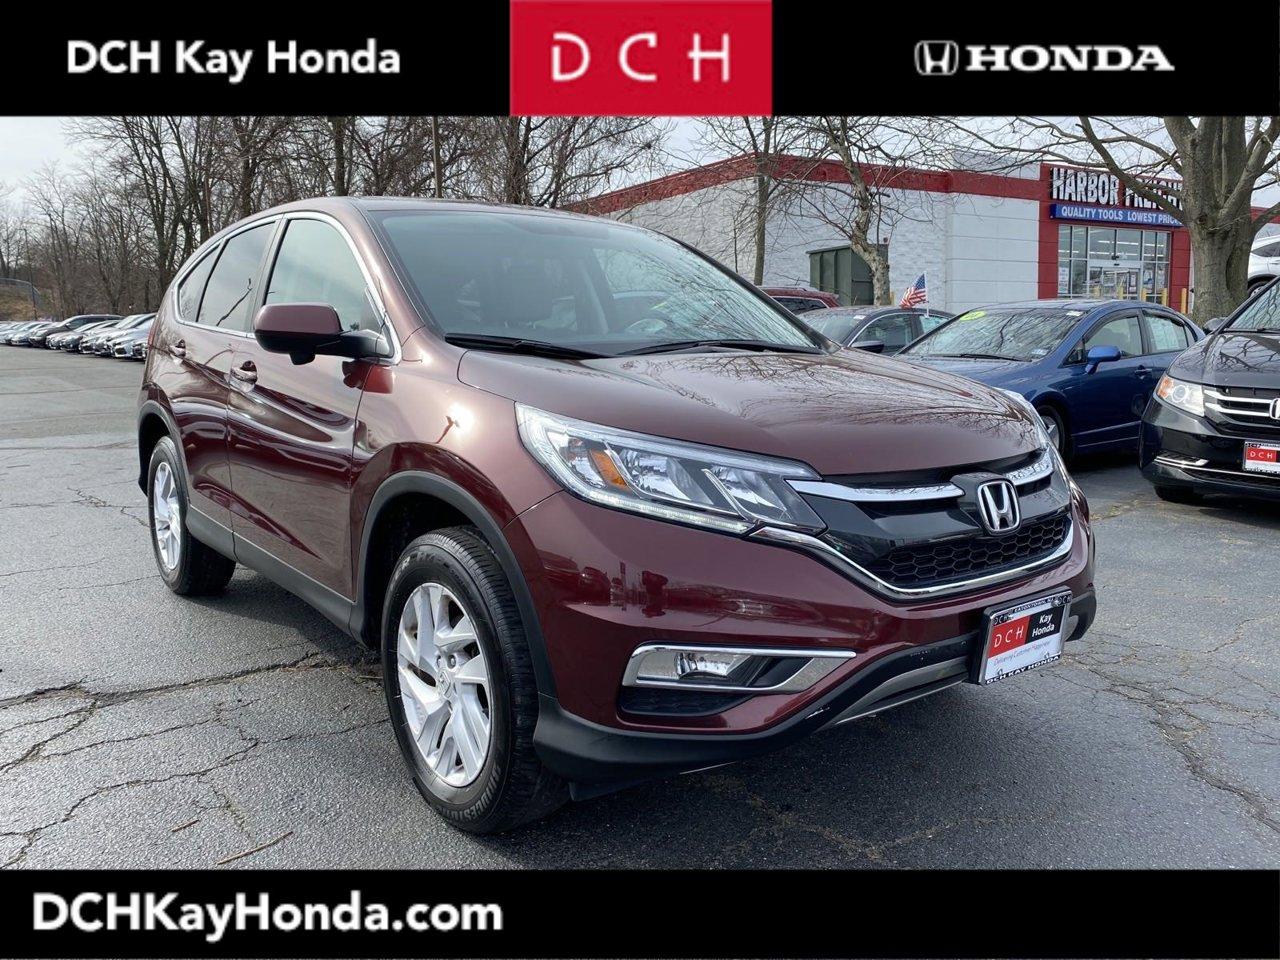 Used 2016 Honda CR-V in Eatontown, NJ